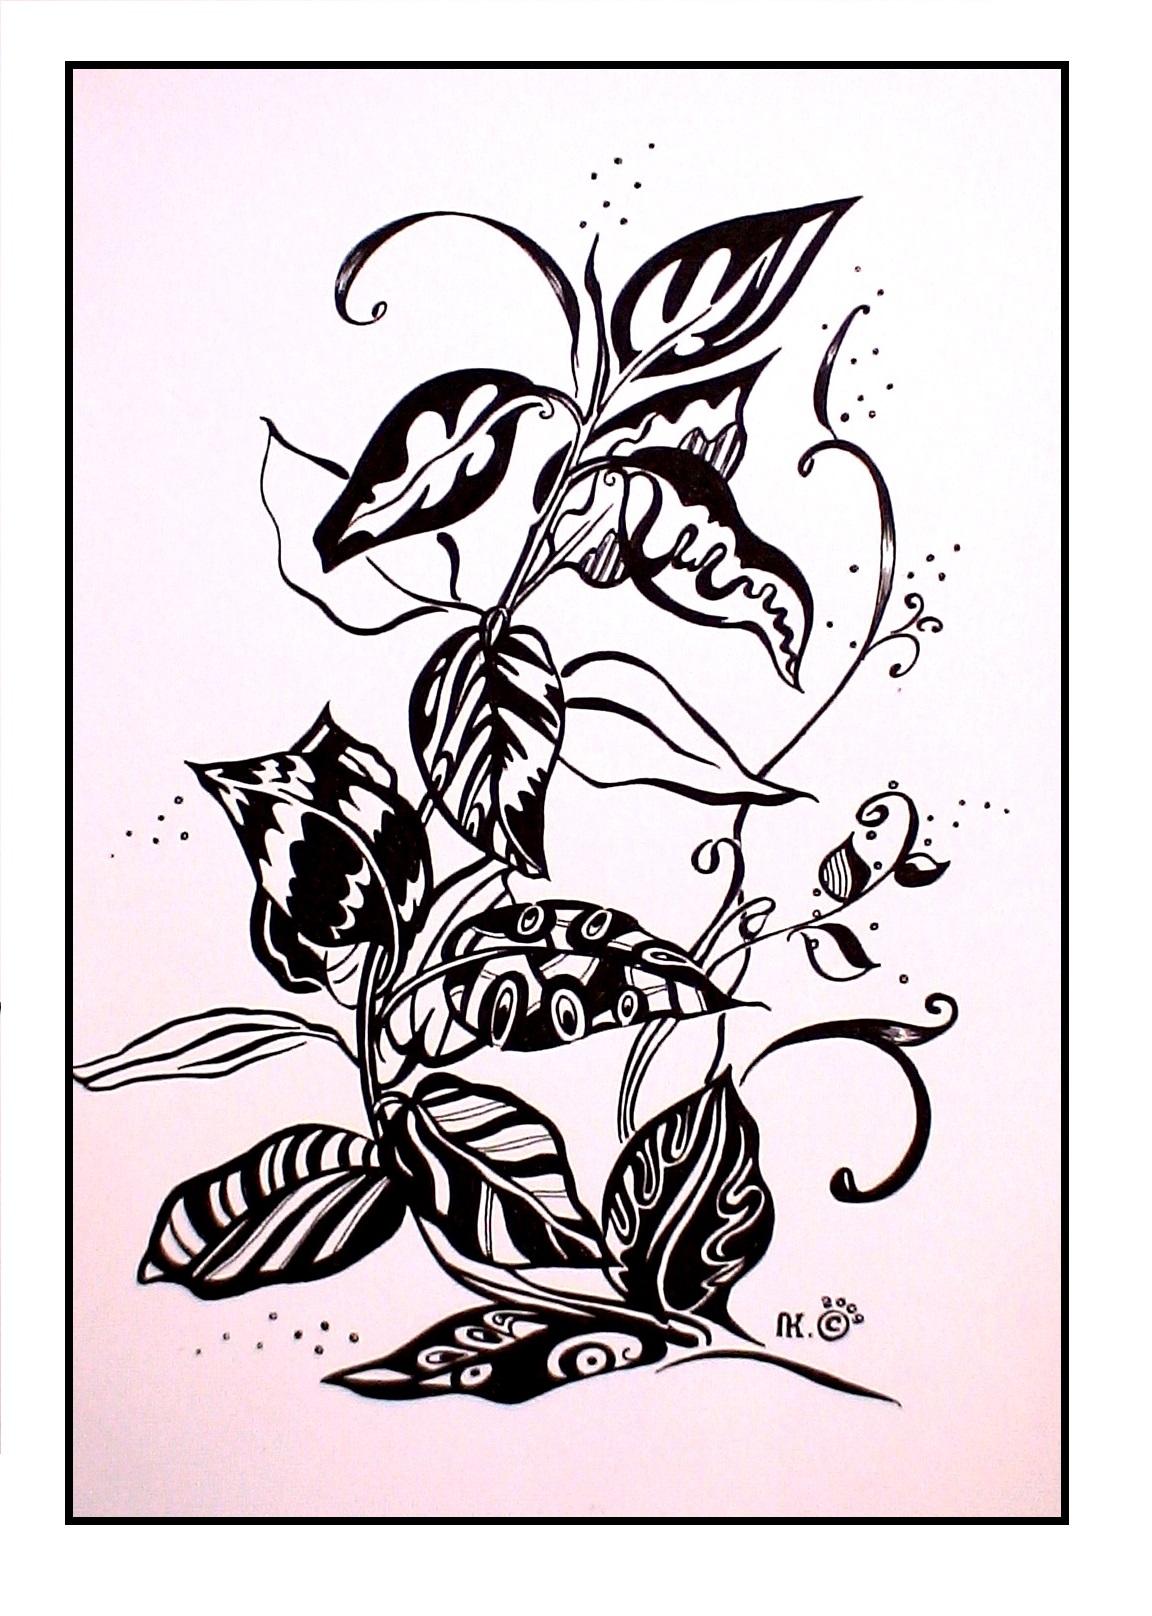 Красавчик (А4, бумага, гелевая ручка)